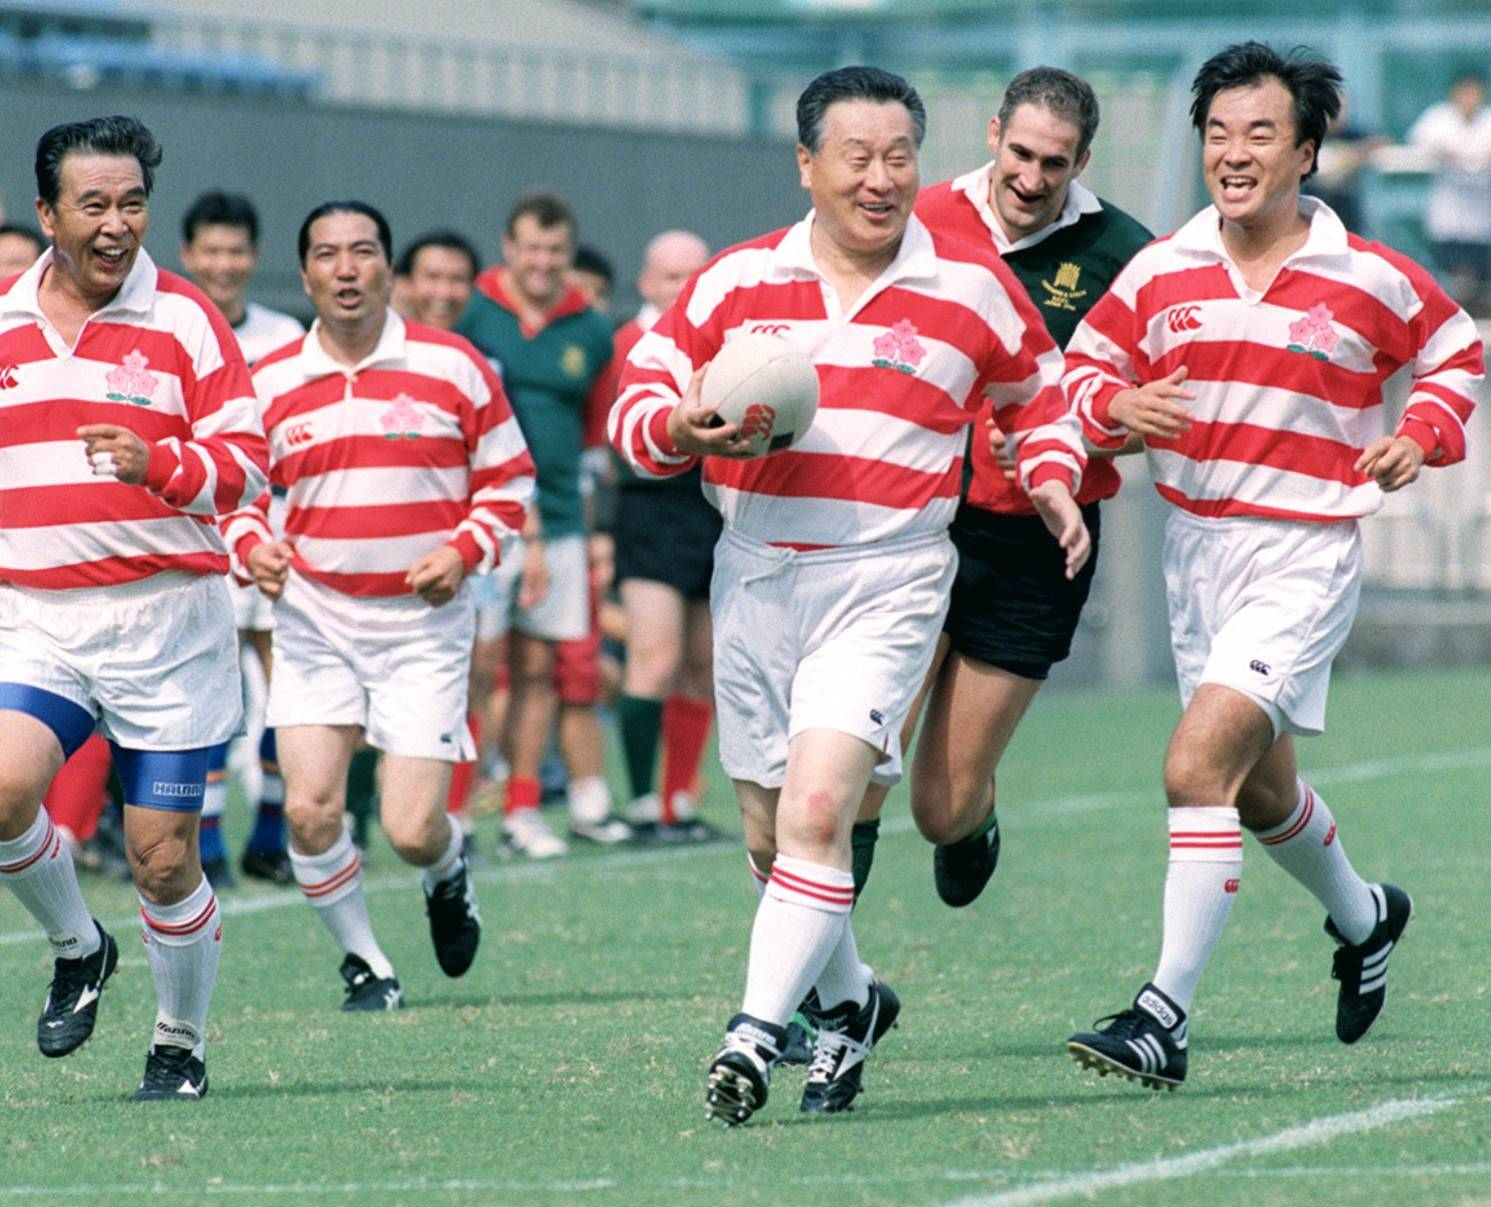 Йоширо Мори (в центре), тогдашний генеральный секретарь ЛДП, играет в товарищеском матче по регби между японскими и британскими парламентариями в 1998 году в Токио.  |  Киодо